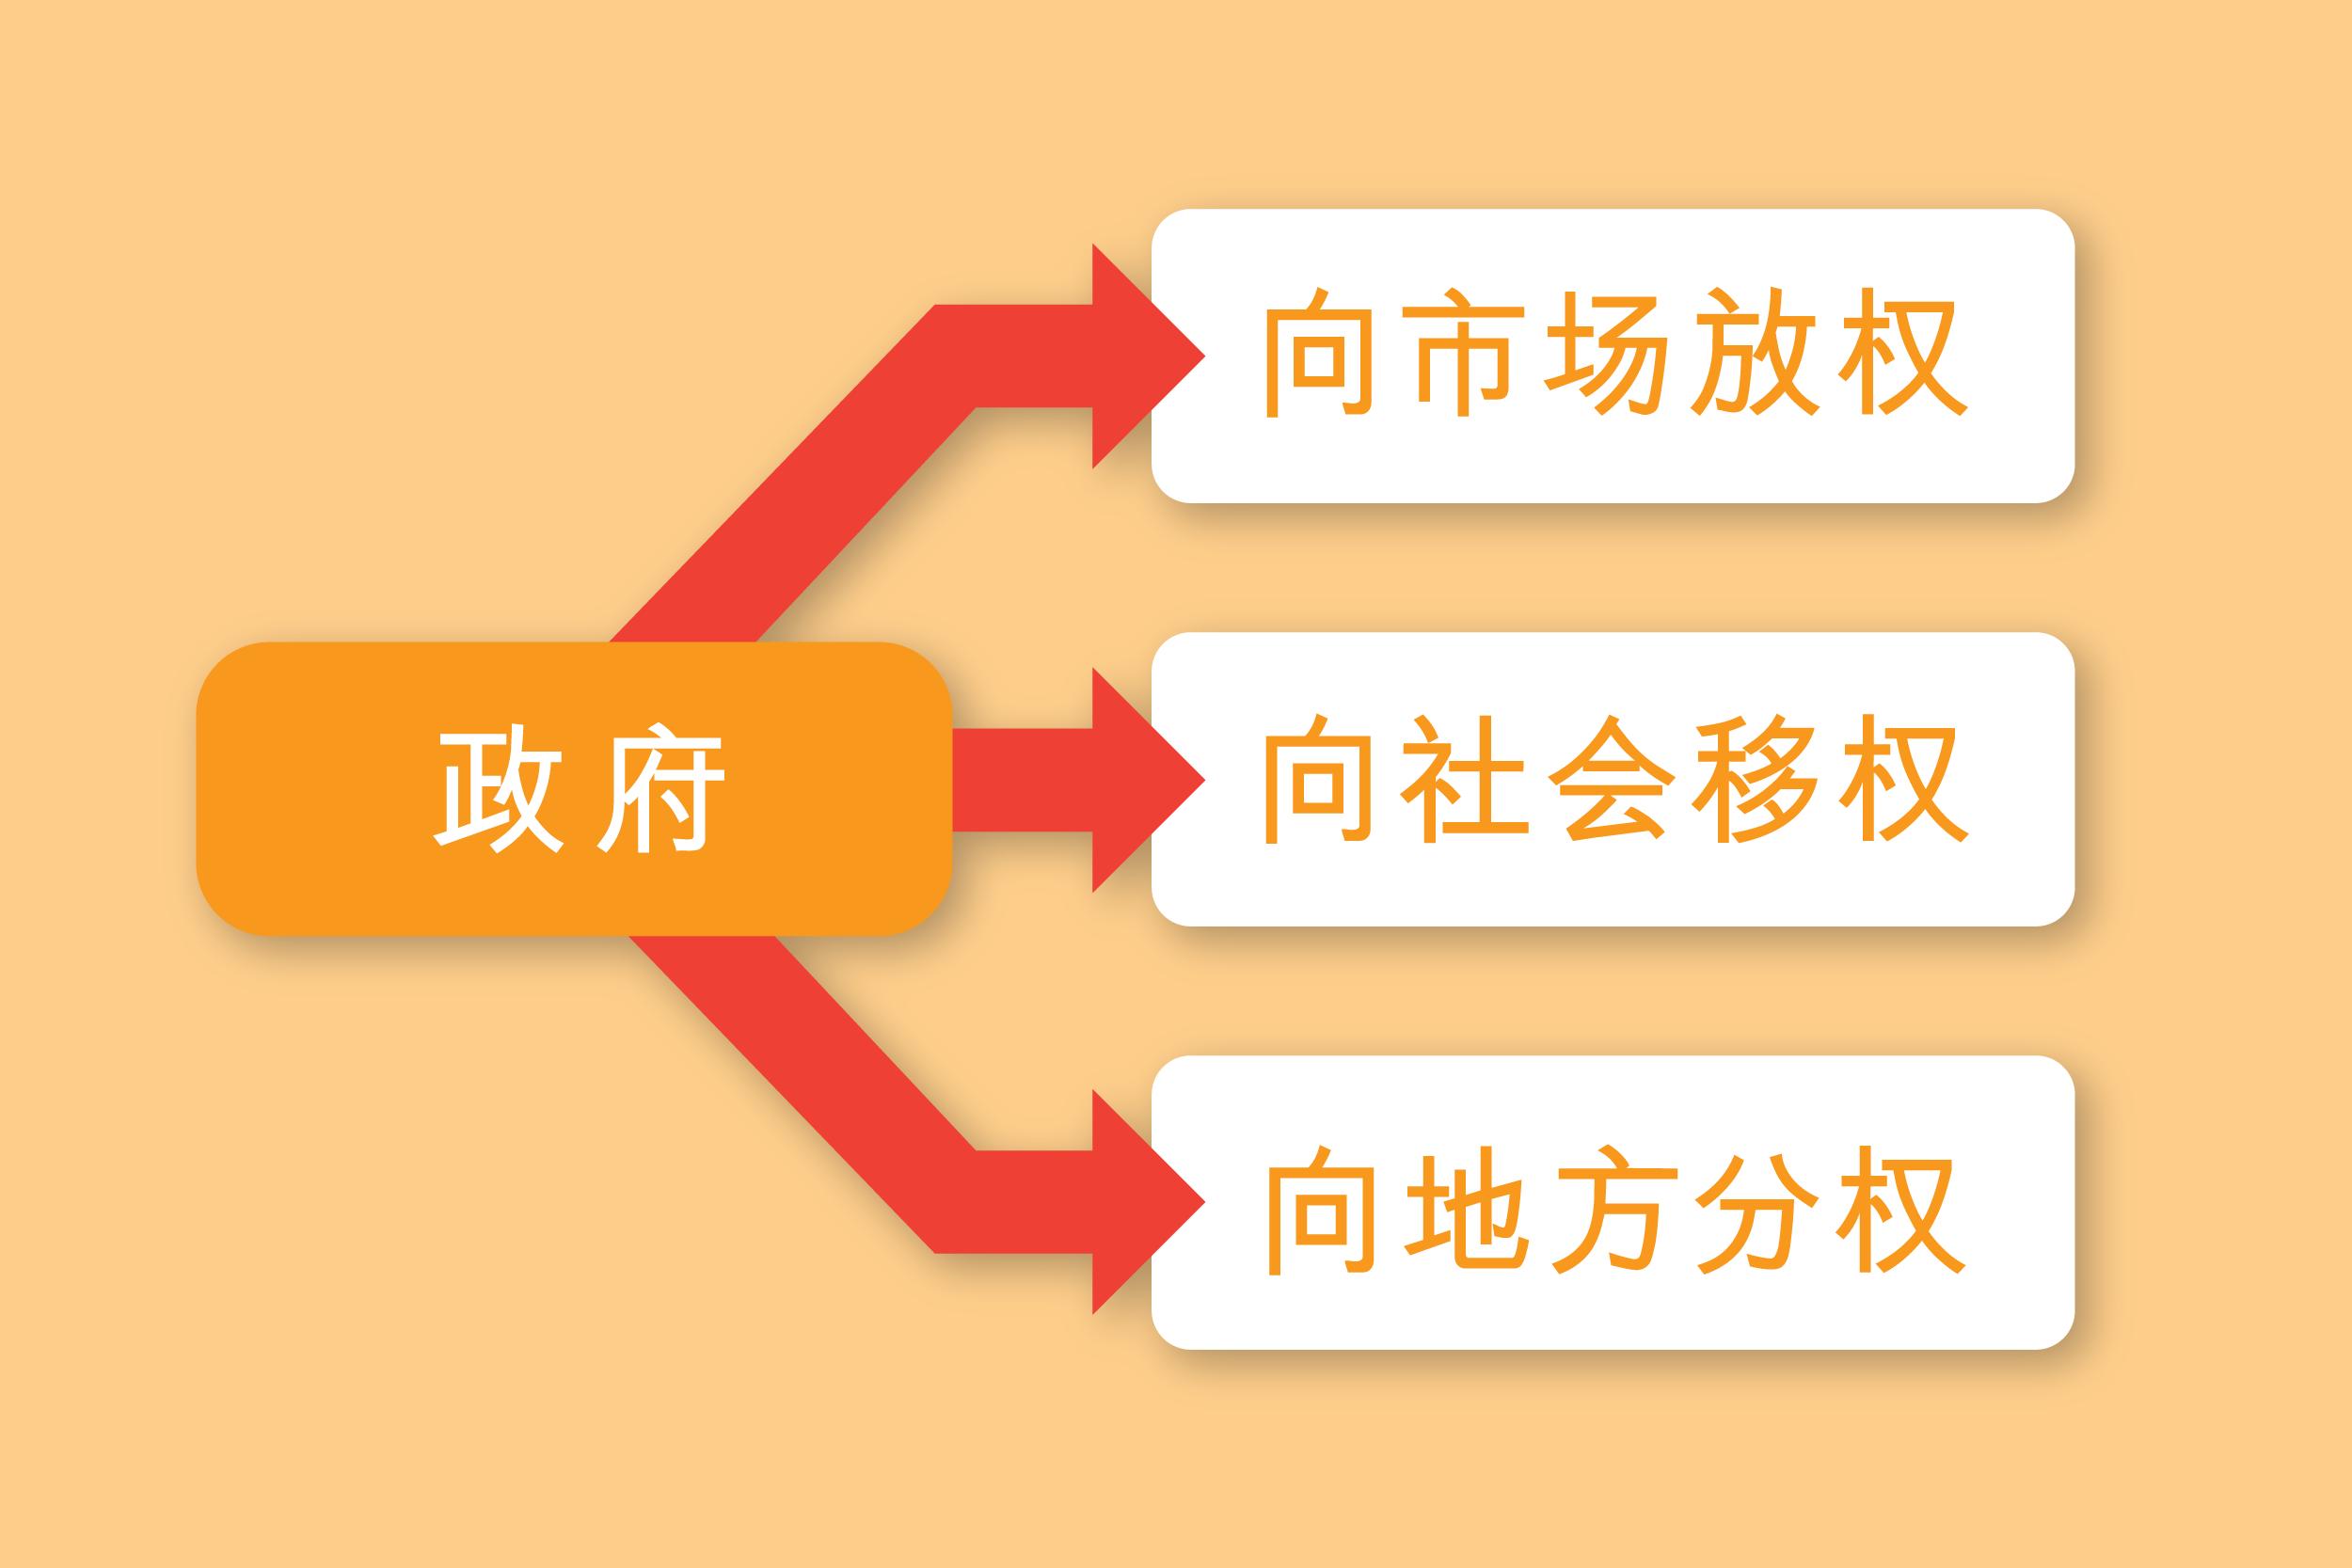 main_site_illustration_fangguanfutu_prc_v2_2